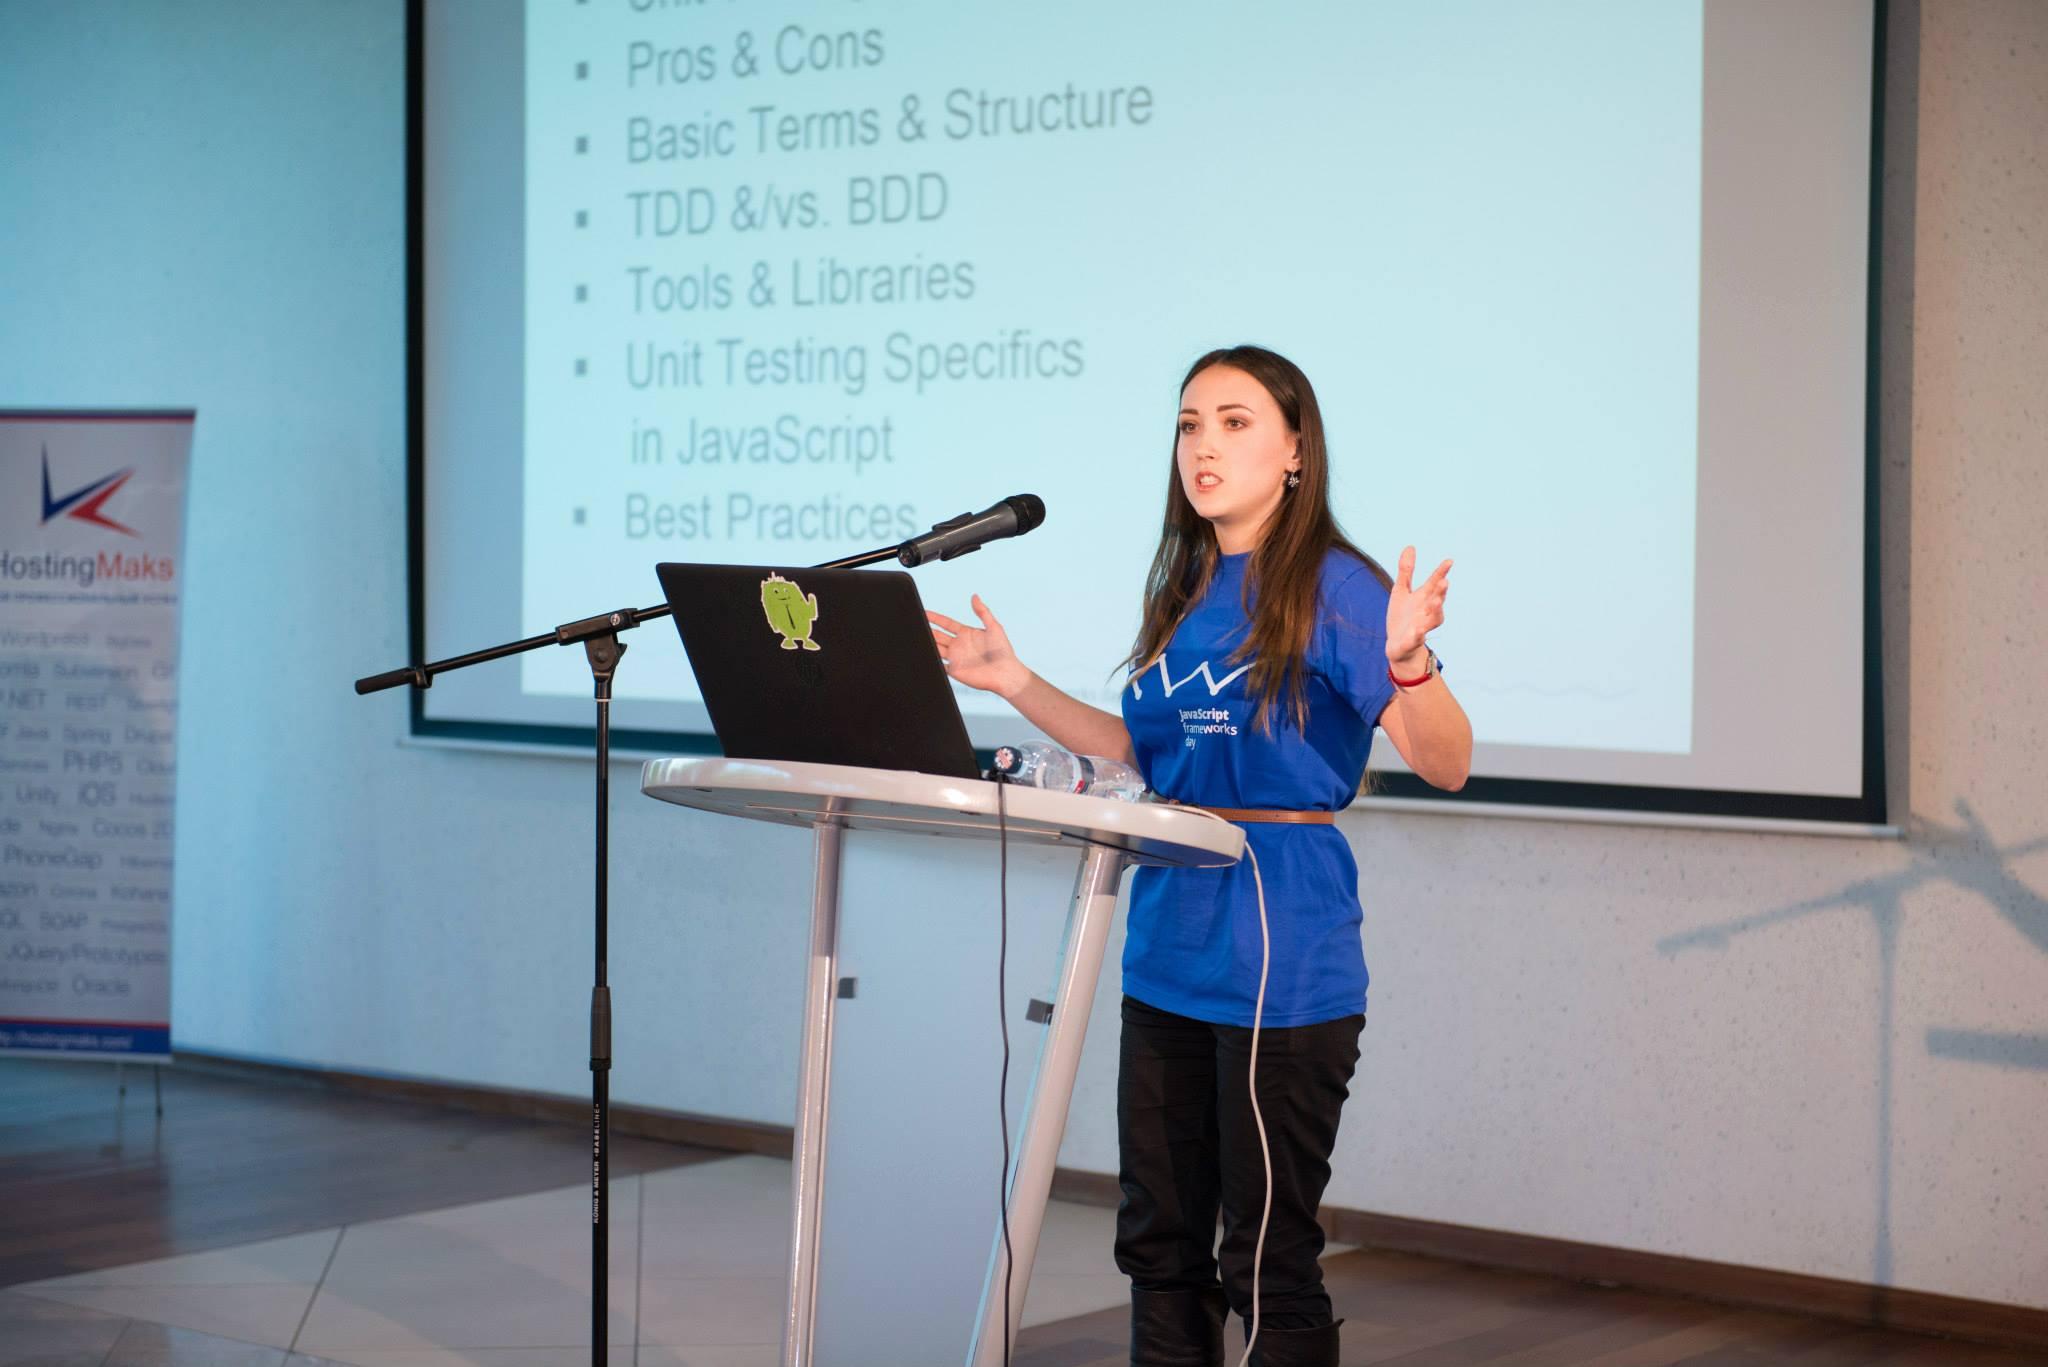 Как мы съездили на JavaScript Frameworks Day 2014